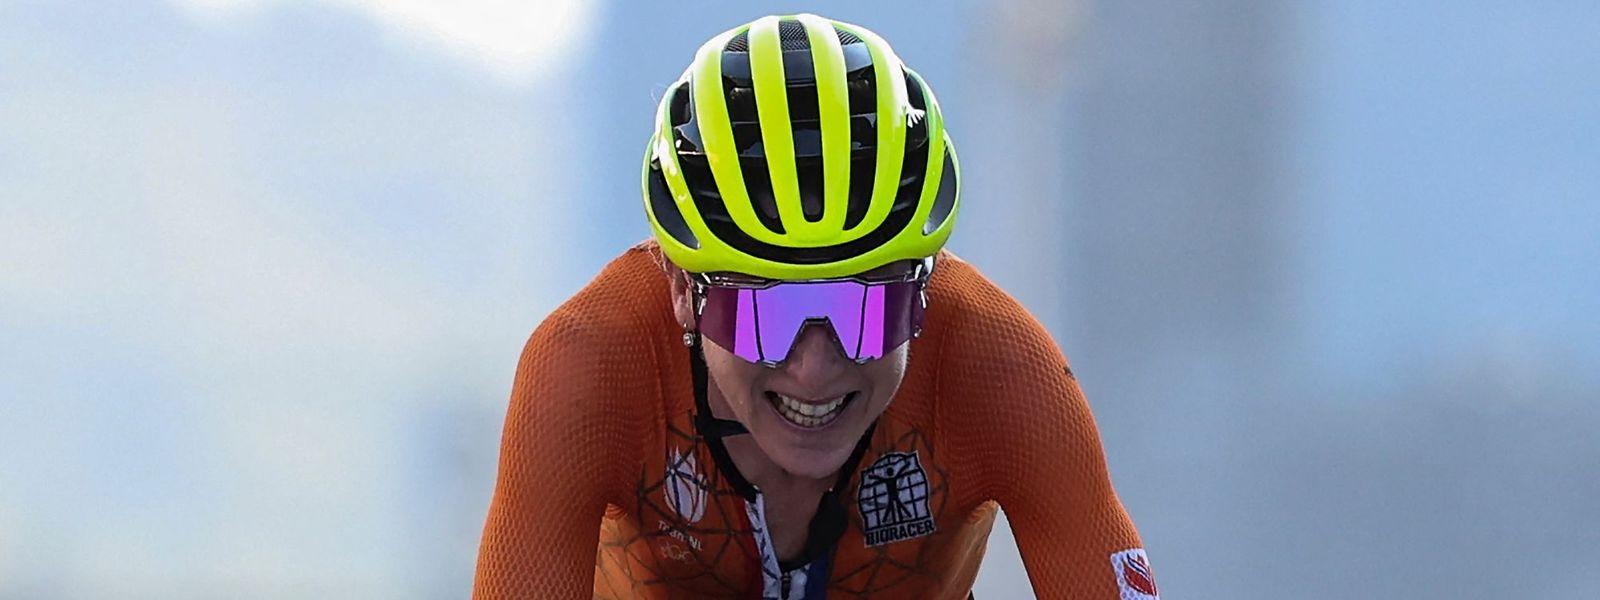 A holandesa,  Annemiek Van Vleuten, estava absolutamente convencida de que tinha ganho a prova. Mas, afinal, tinha sido a segunda a chegar.